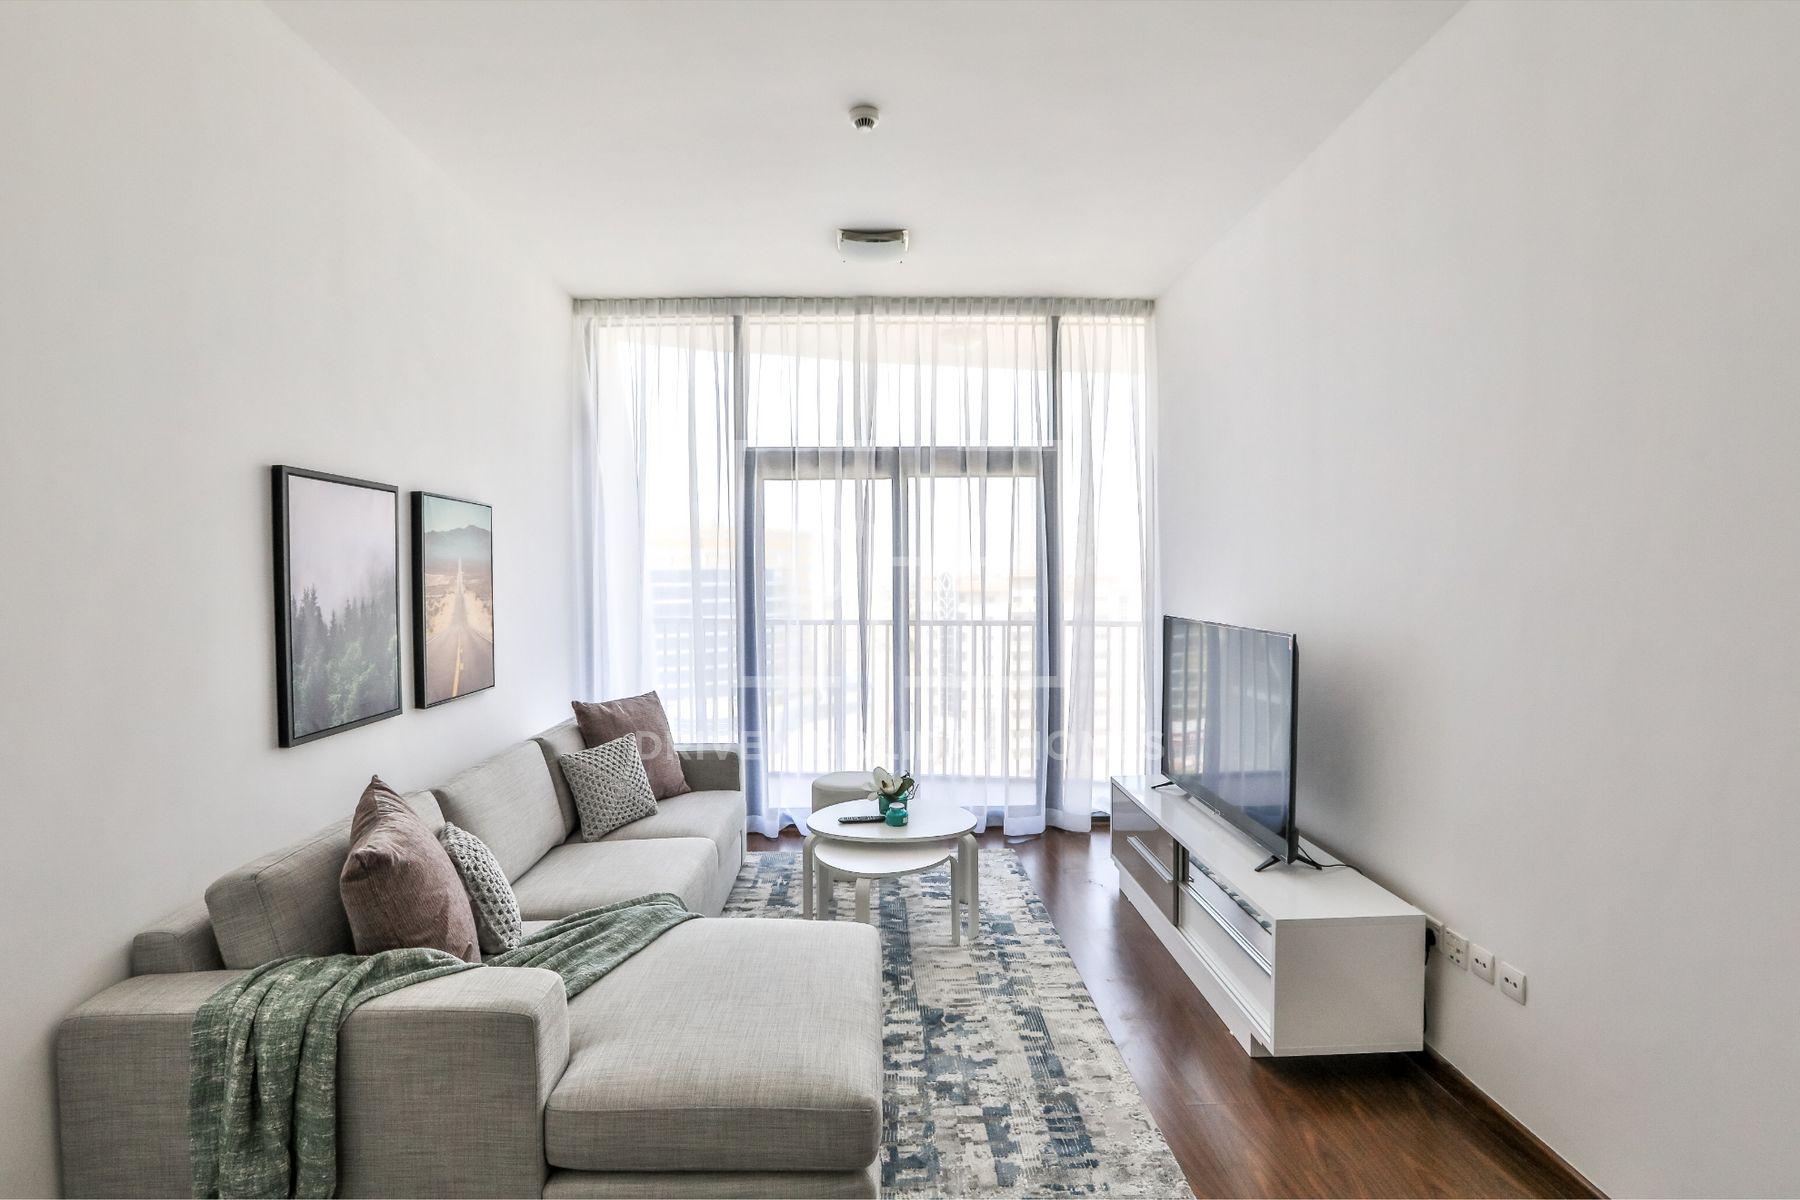 740 قدم مربع  شقة - للايجار - واحة السيليكون